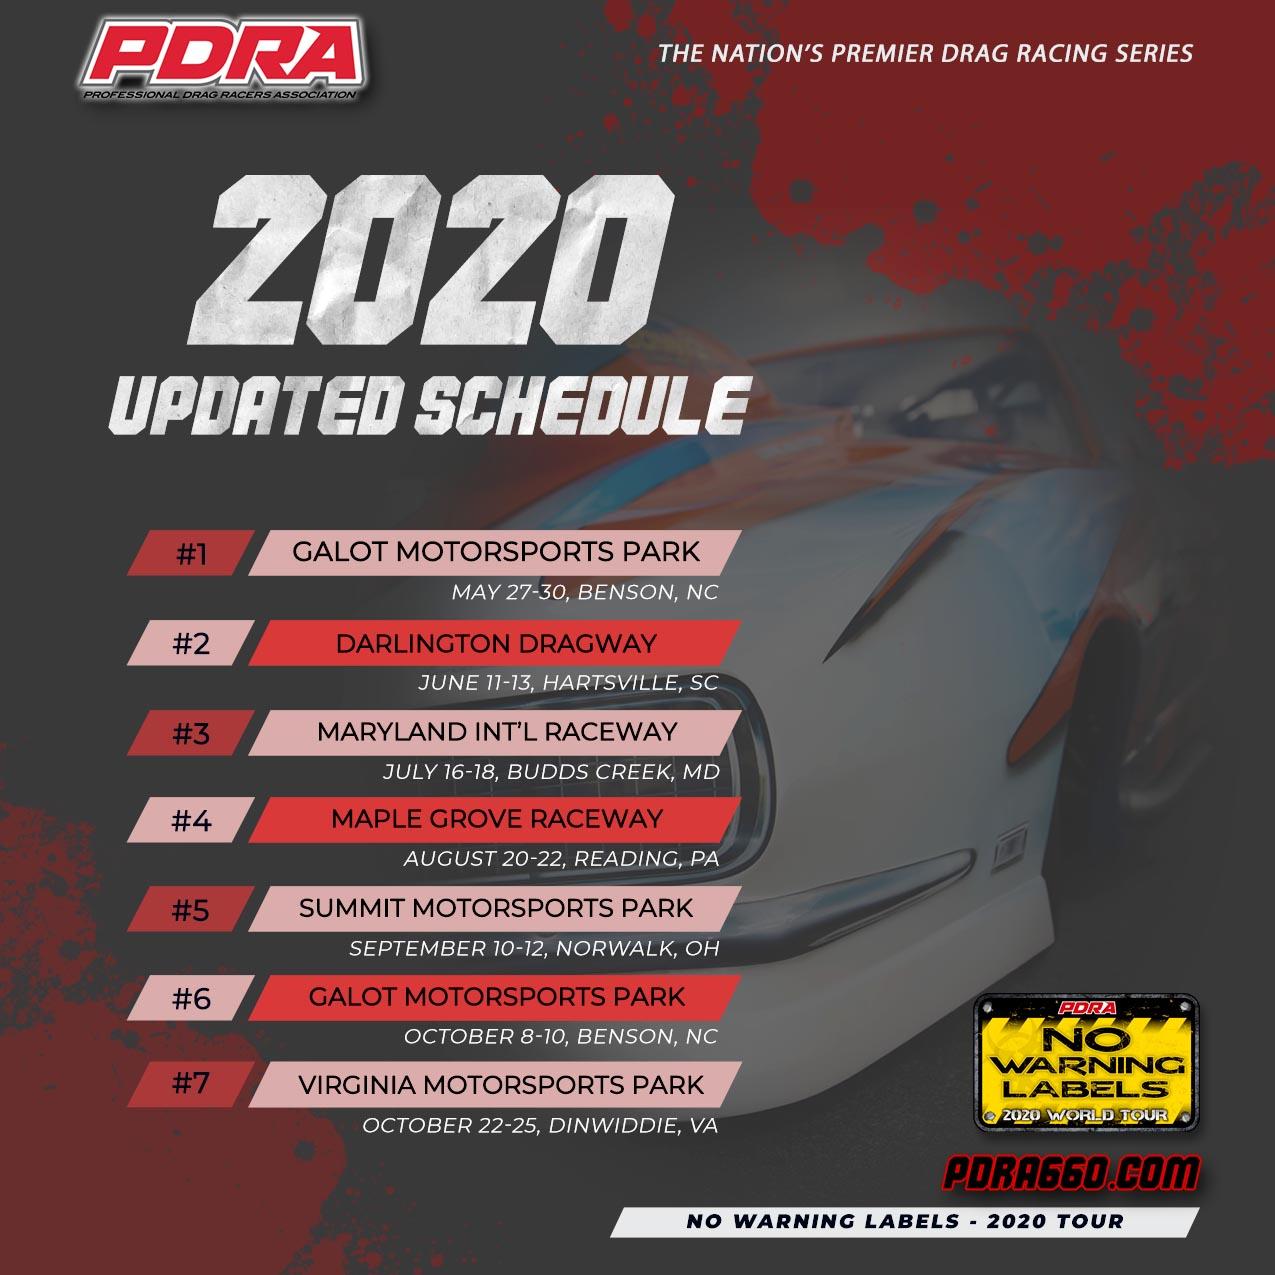 PRDA Revised Schedule